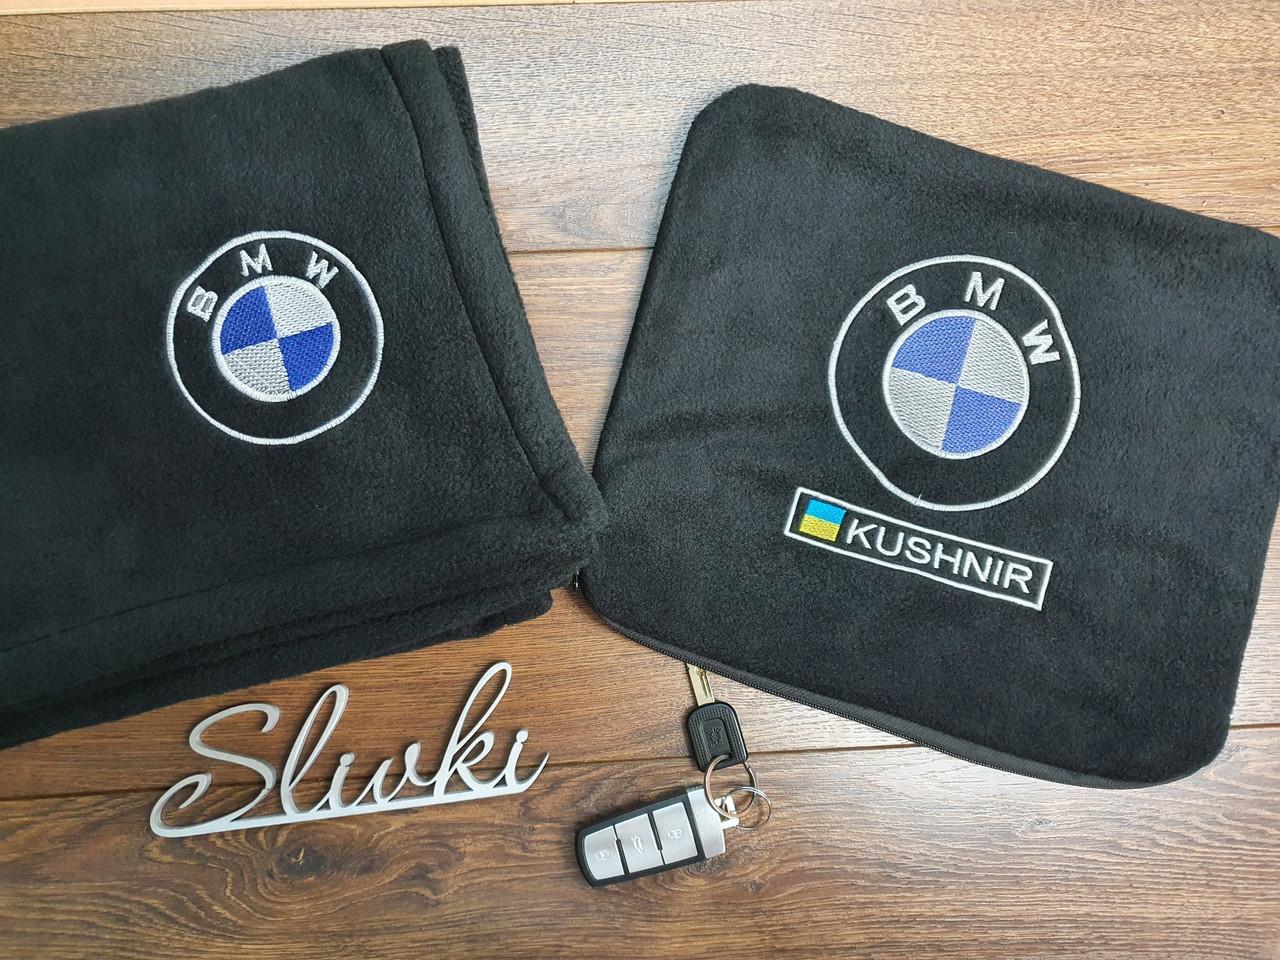 Автомобільні плед в чохлі з логотипом і держ. номером. Всі марки авто, колір на вибір